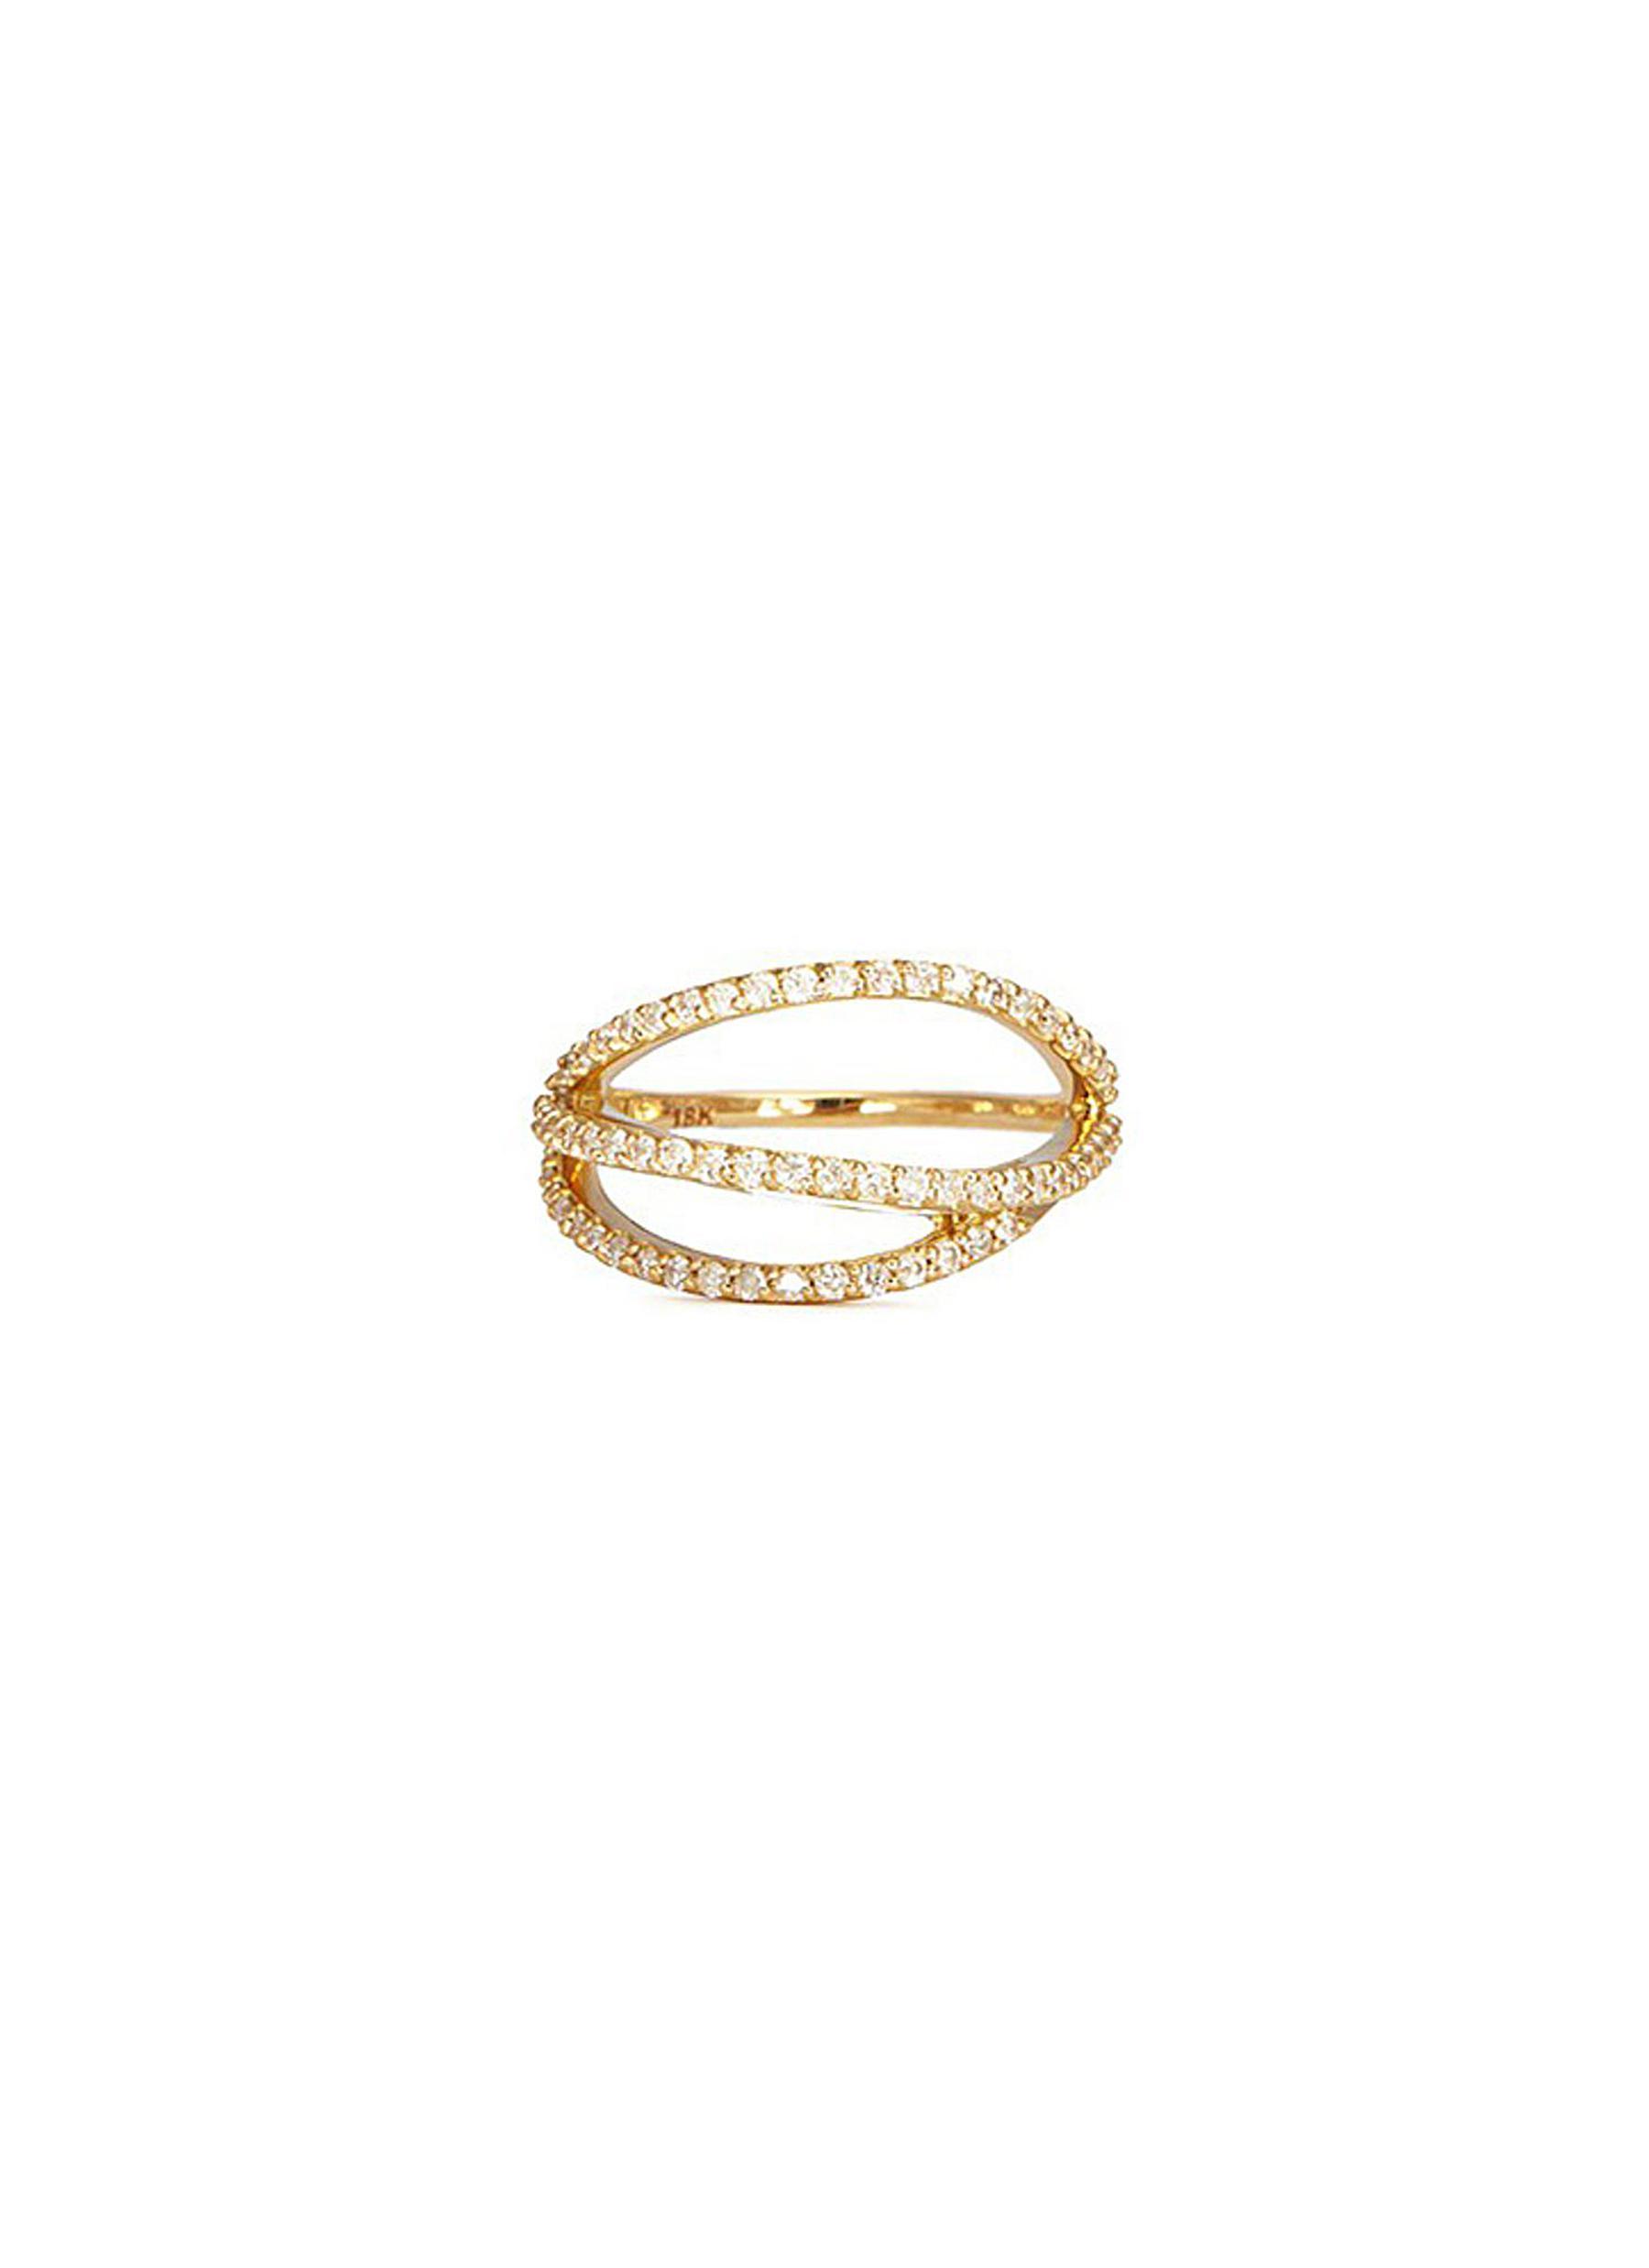 Lily 18k gold diamond pavé curved line ring by Phyne By Paige Novick